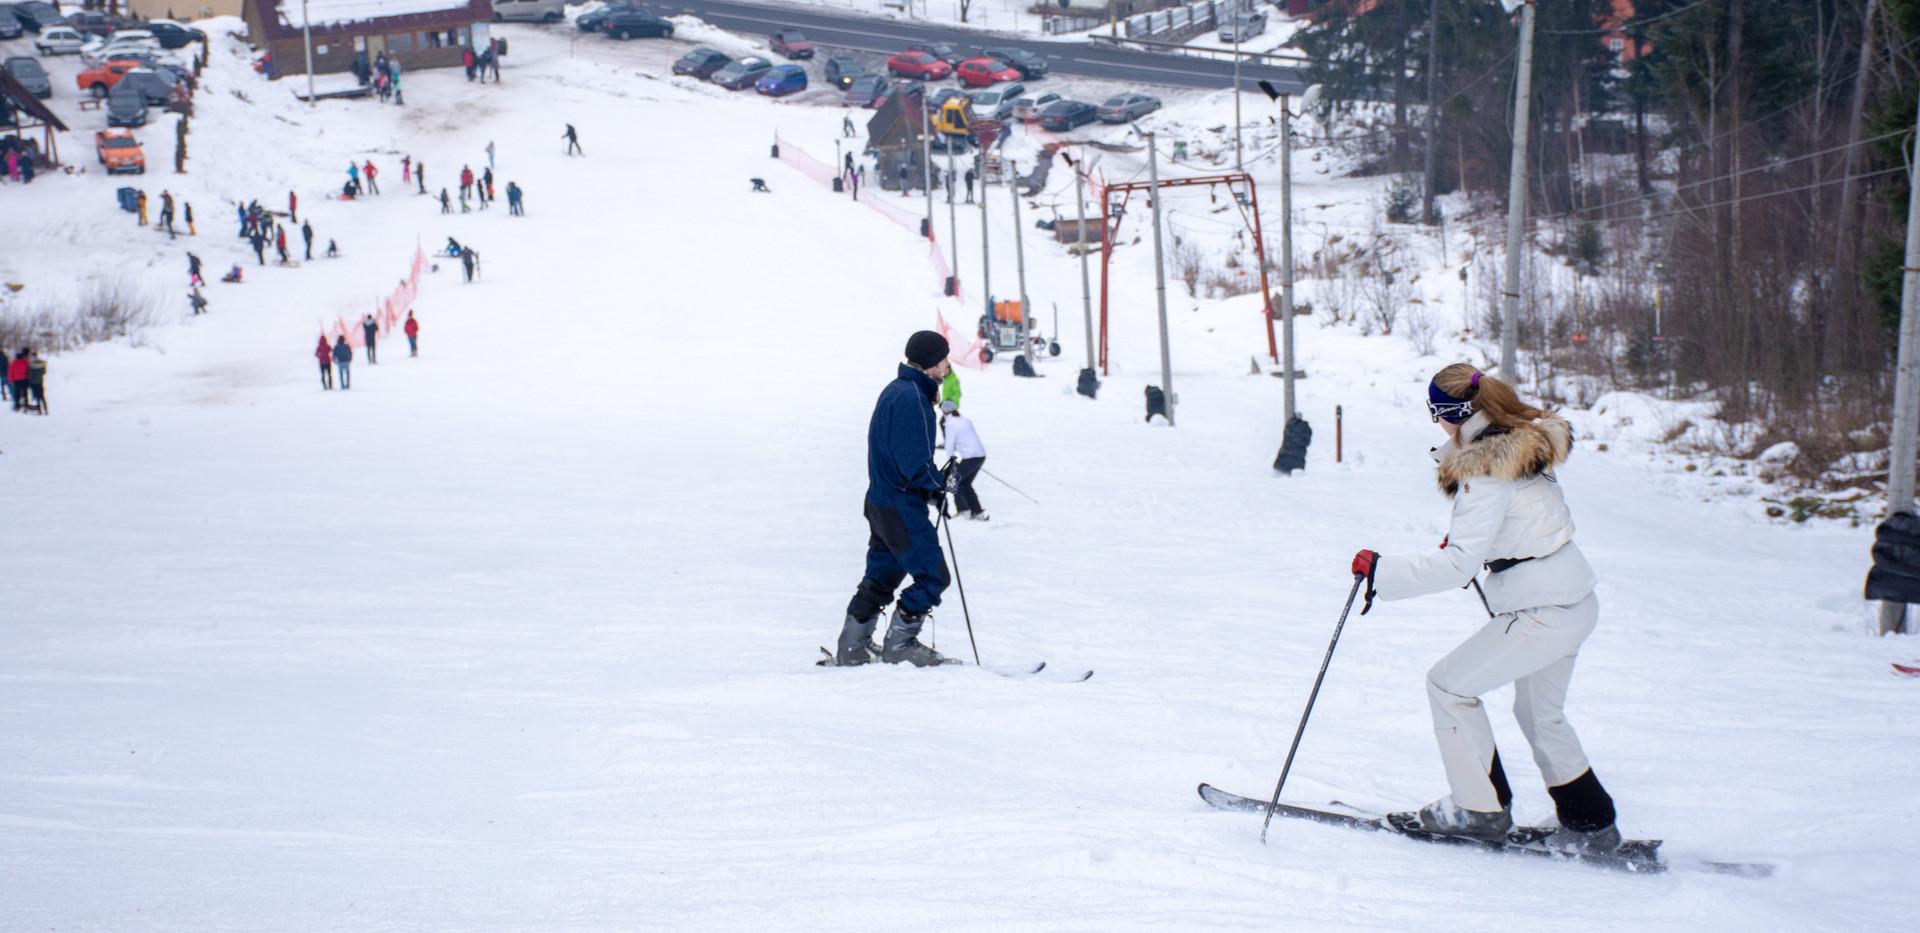 Baile Tusnad partie schi